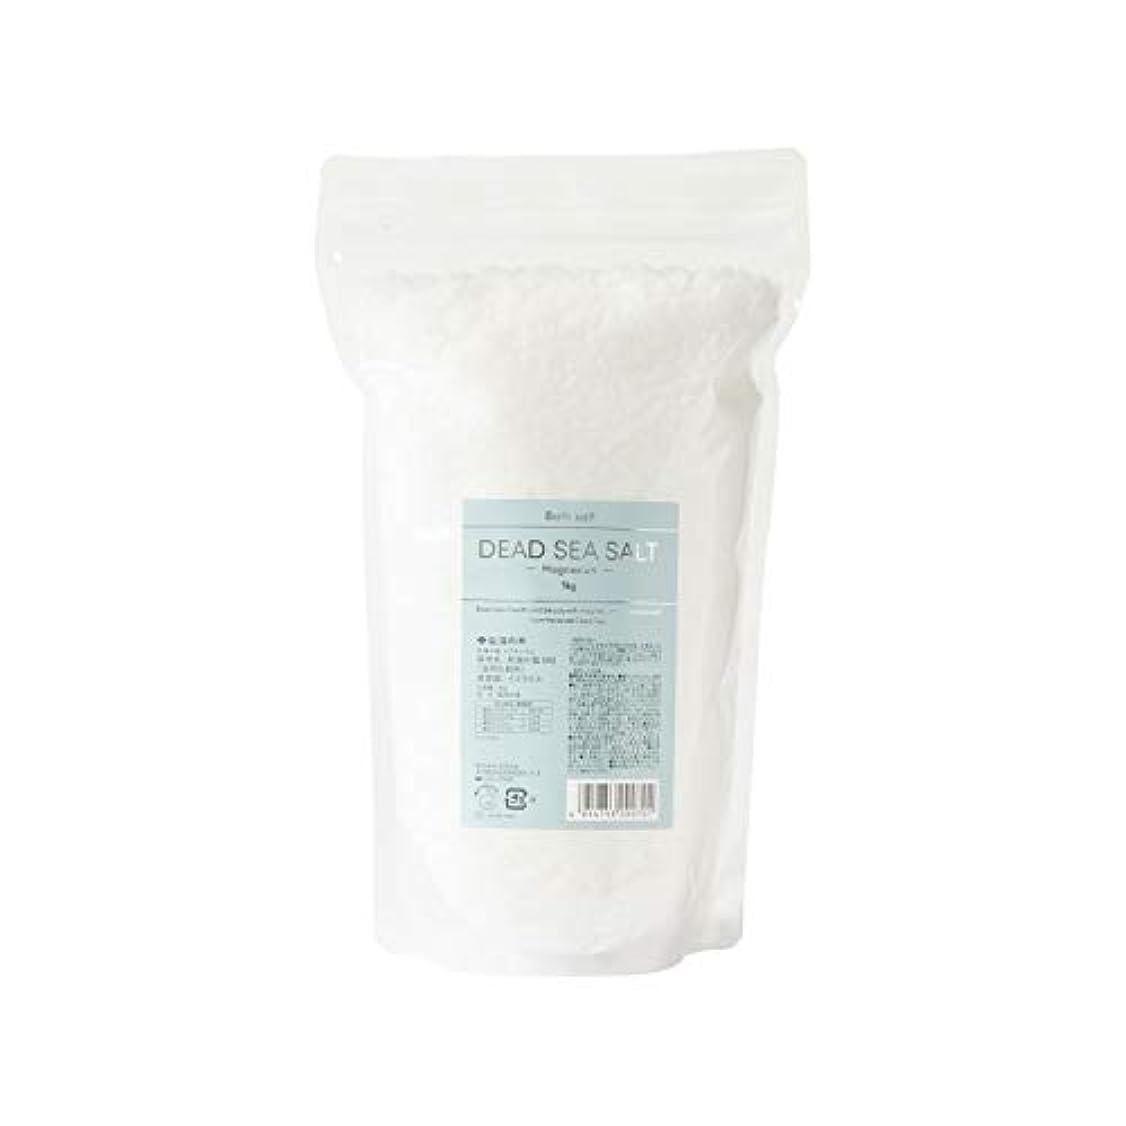 またストレス信者生活の木 死海の塩マグネシウム 1kg